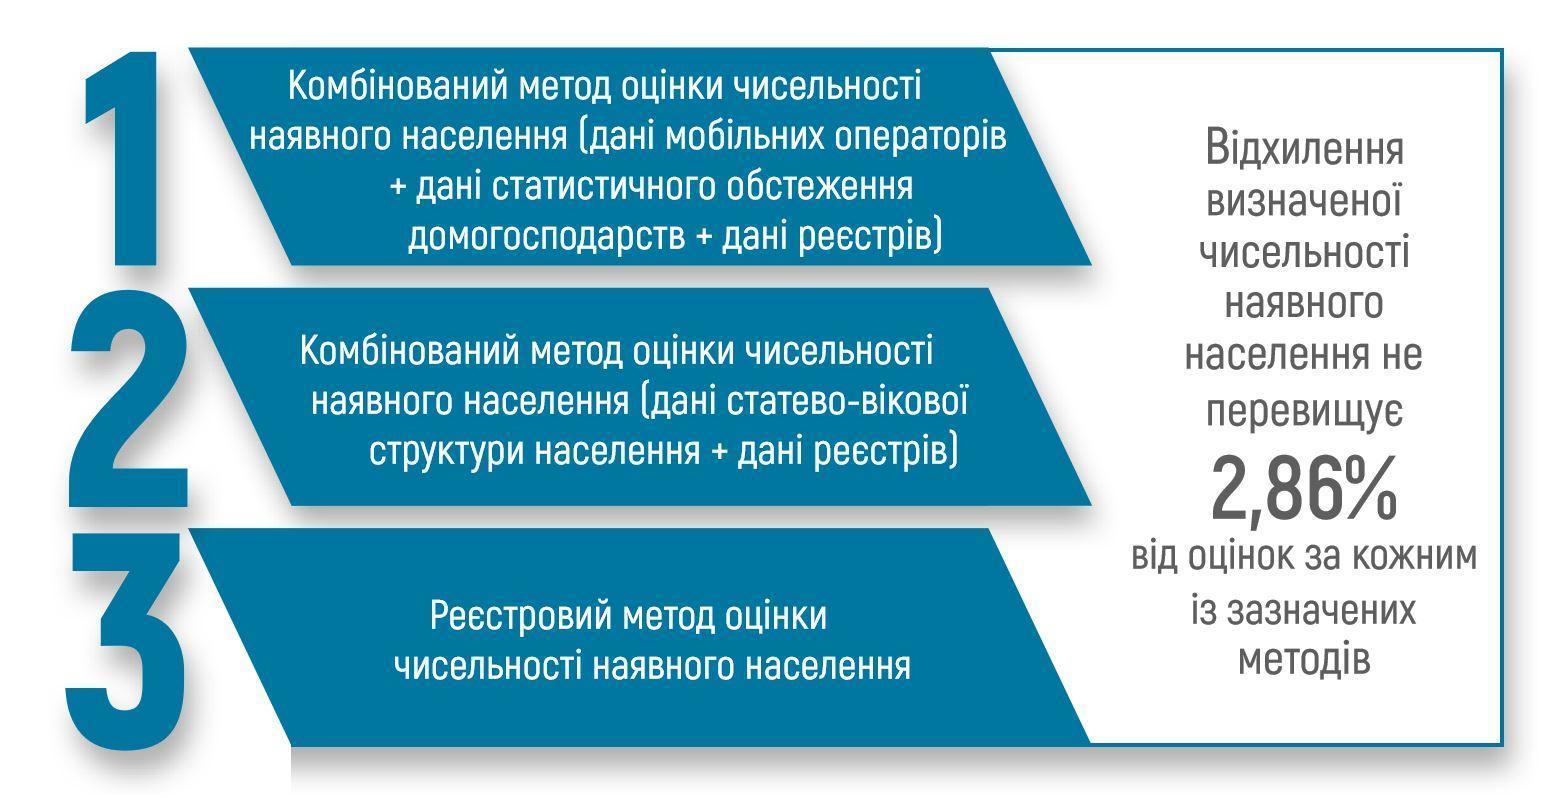 За даними кабміну, на Донеччині мешкає майже 2 млн людей